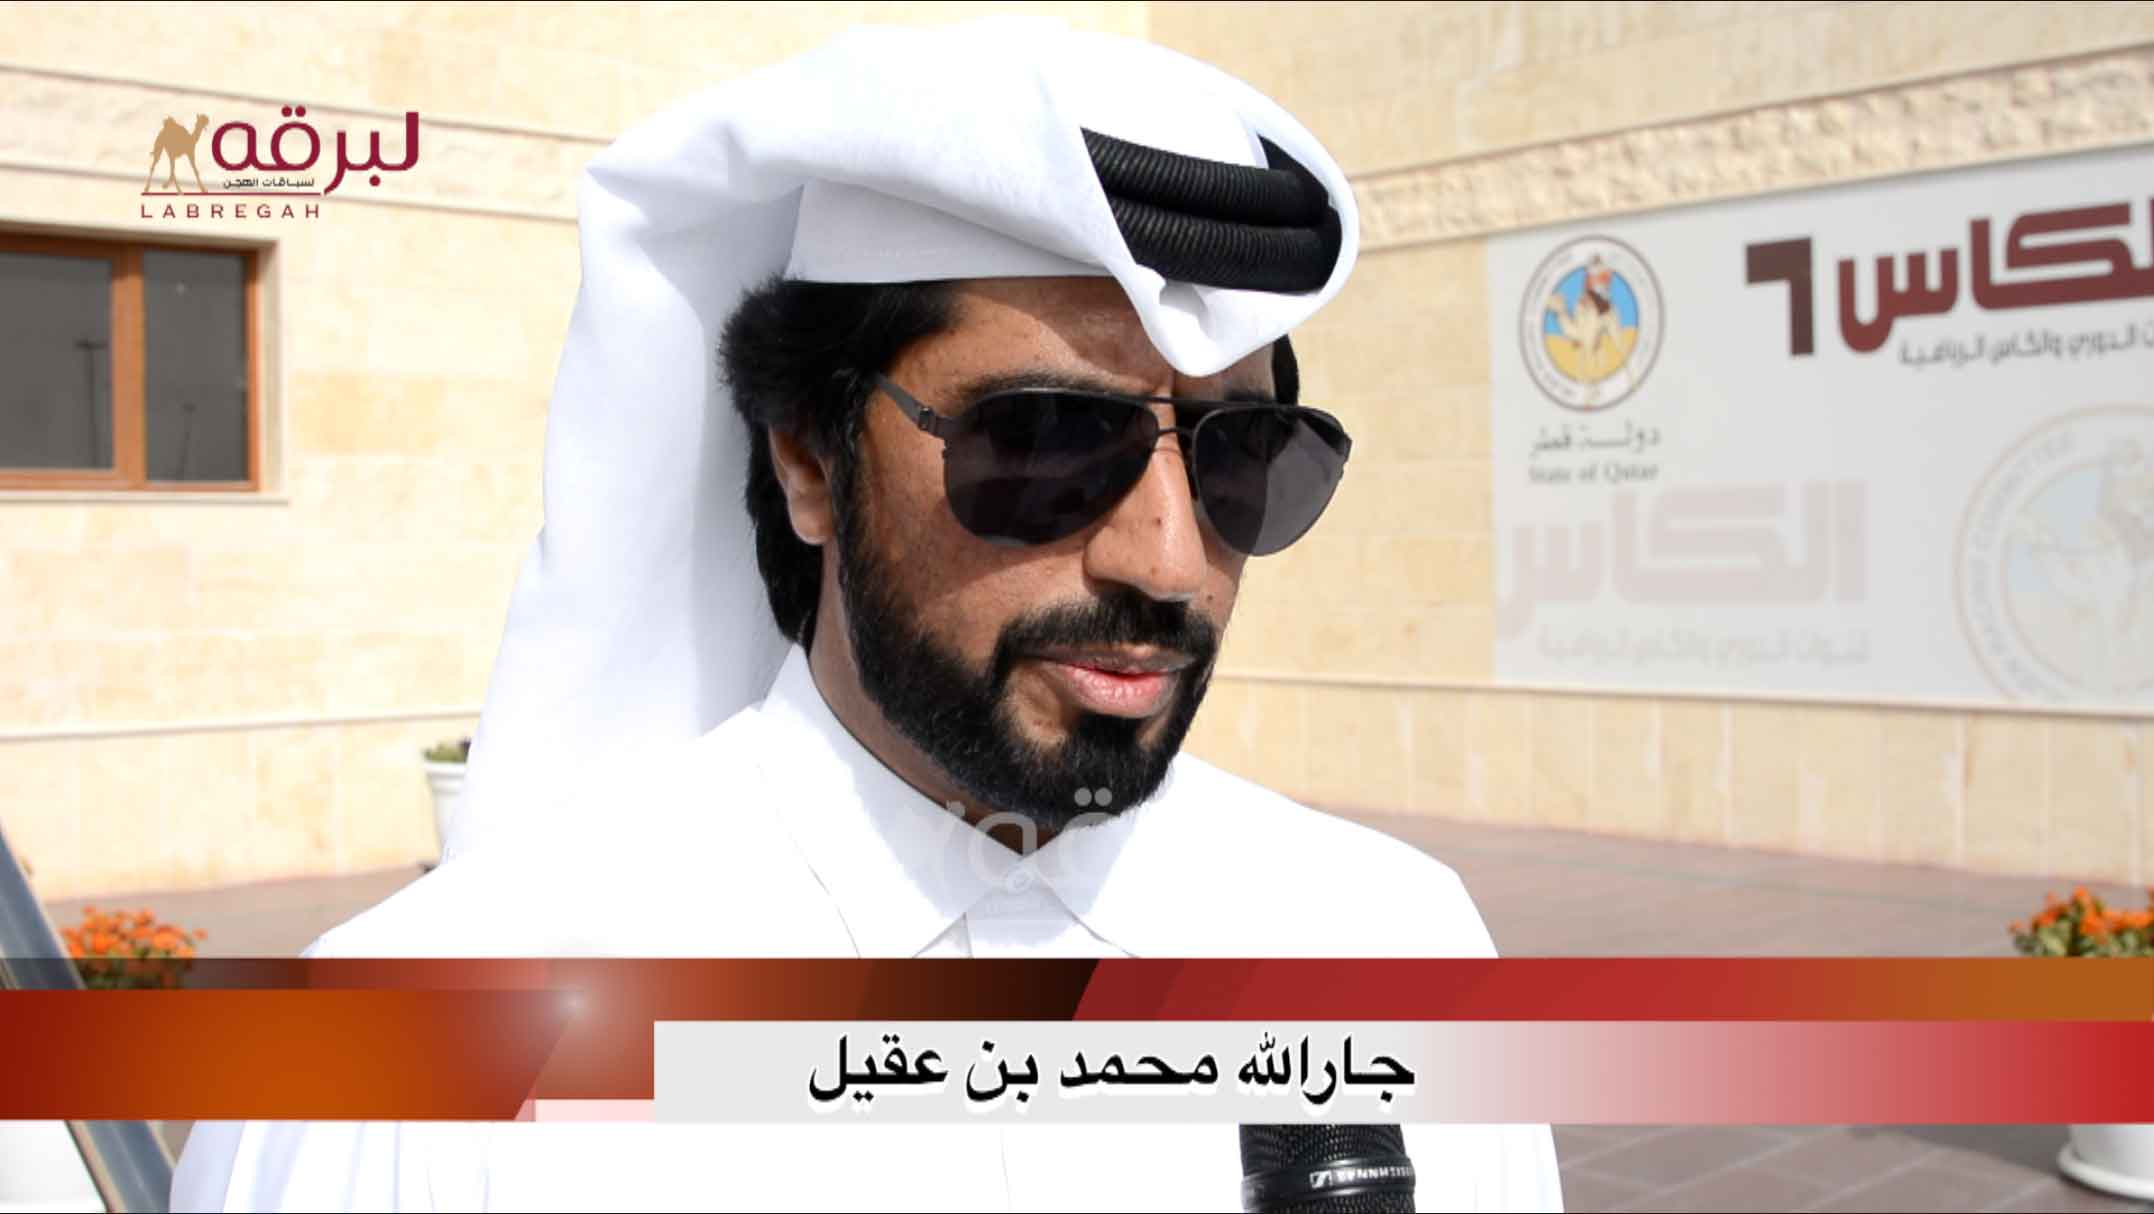 لقاء مع جارالله محمد بن عقيل.. الخنجر الذهبي جذاع قعدان «عمانيات» الأشواط المفتوحة ٢٥-٣-٢٠٢١